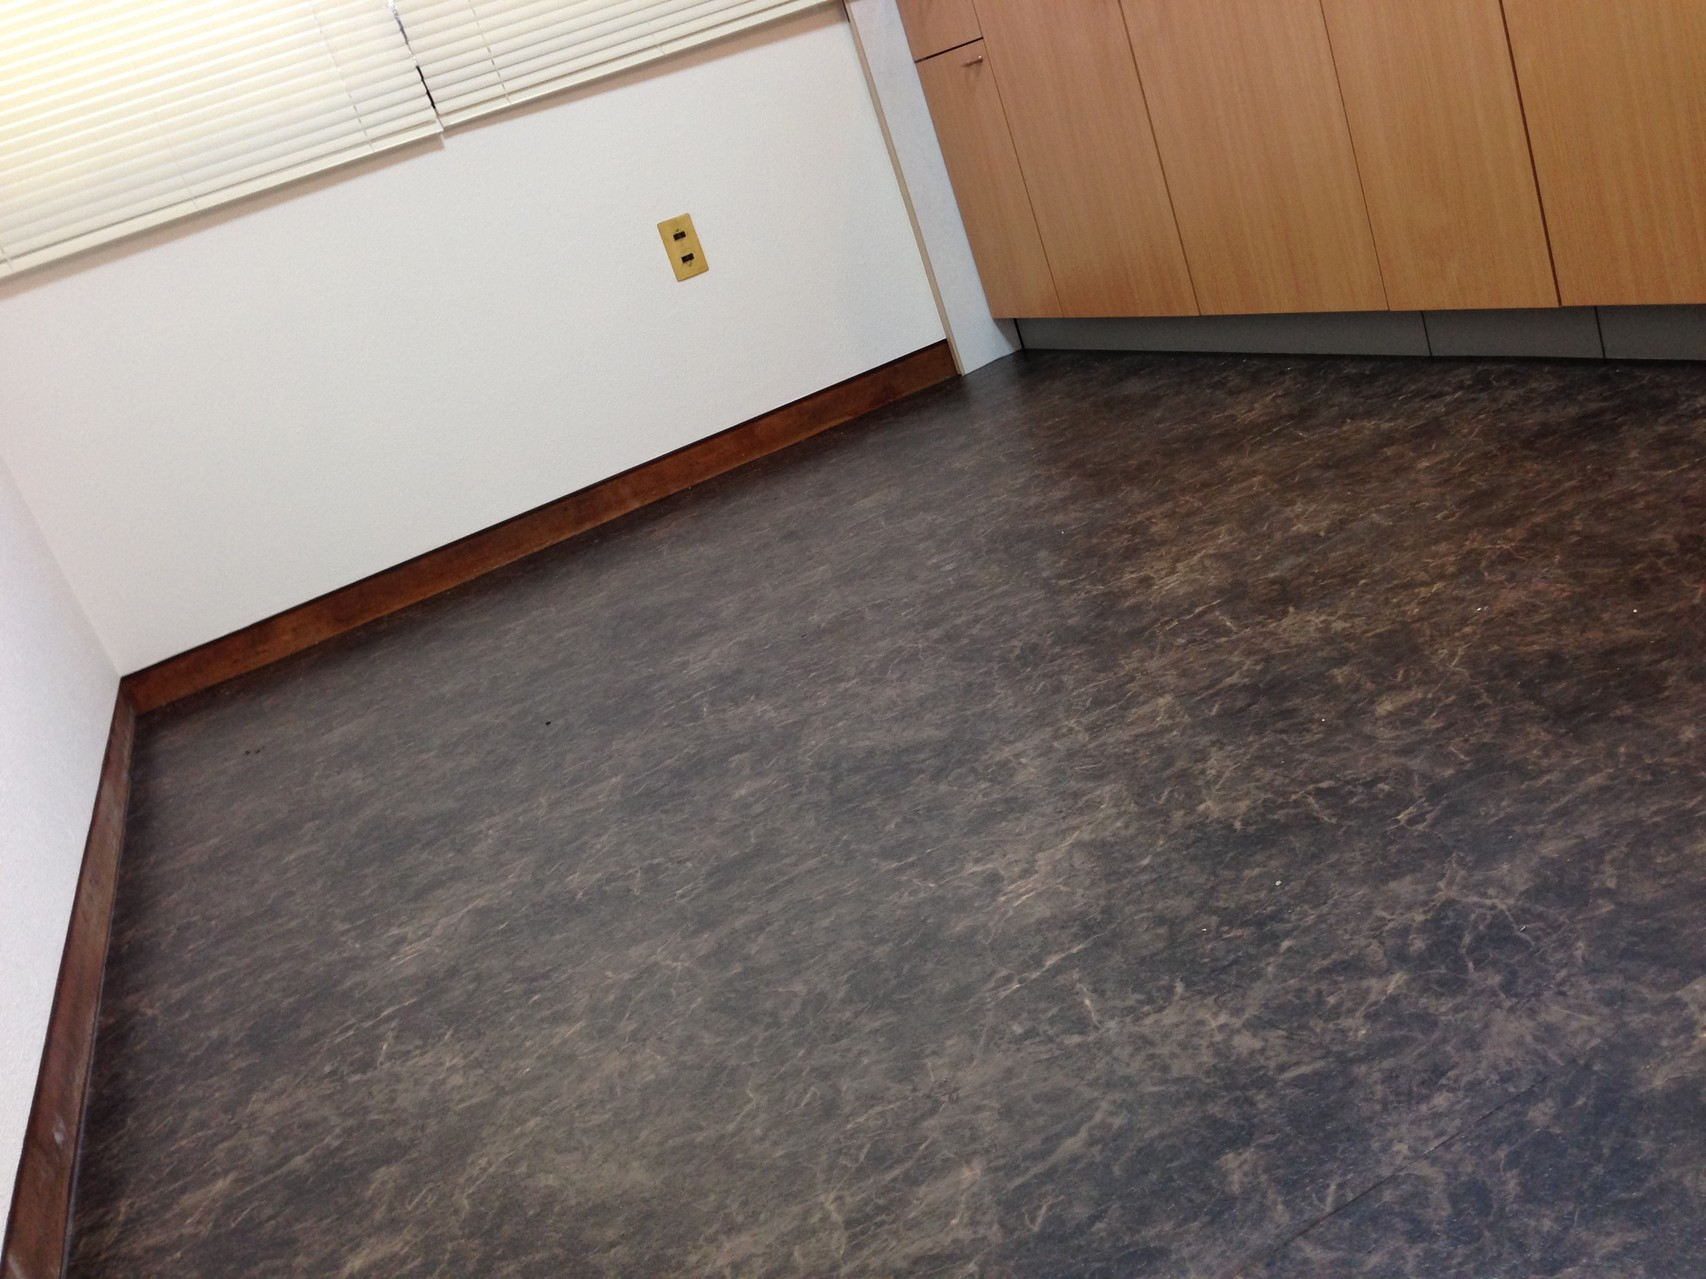 ブラウン系の大理石調の床が、ヴィンテージな内装に良く合っています。